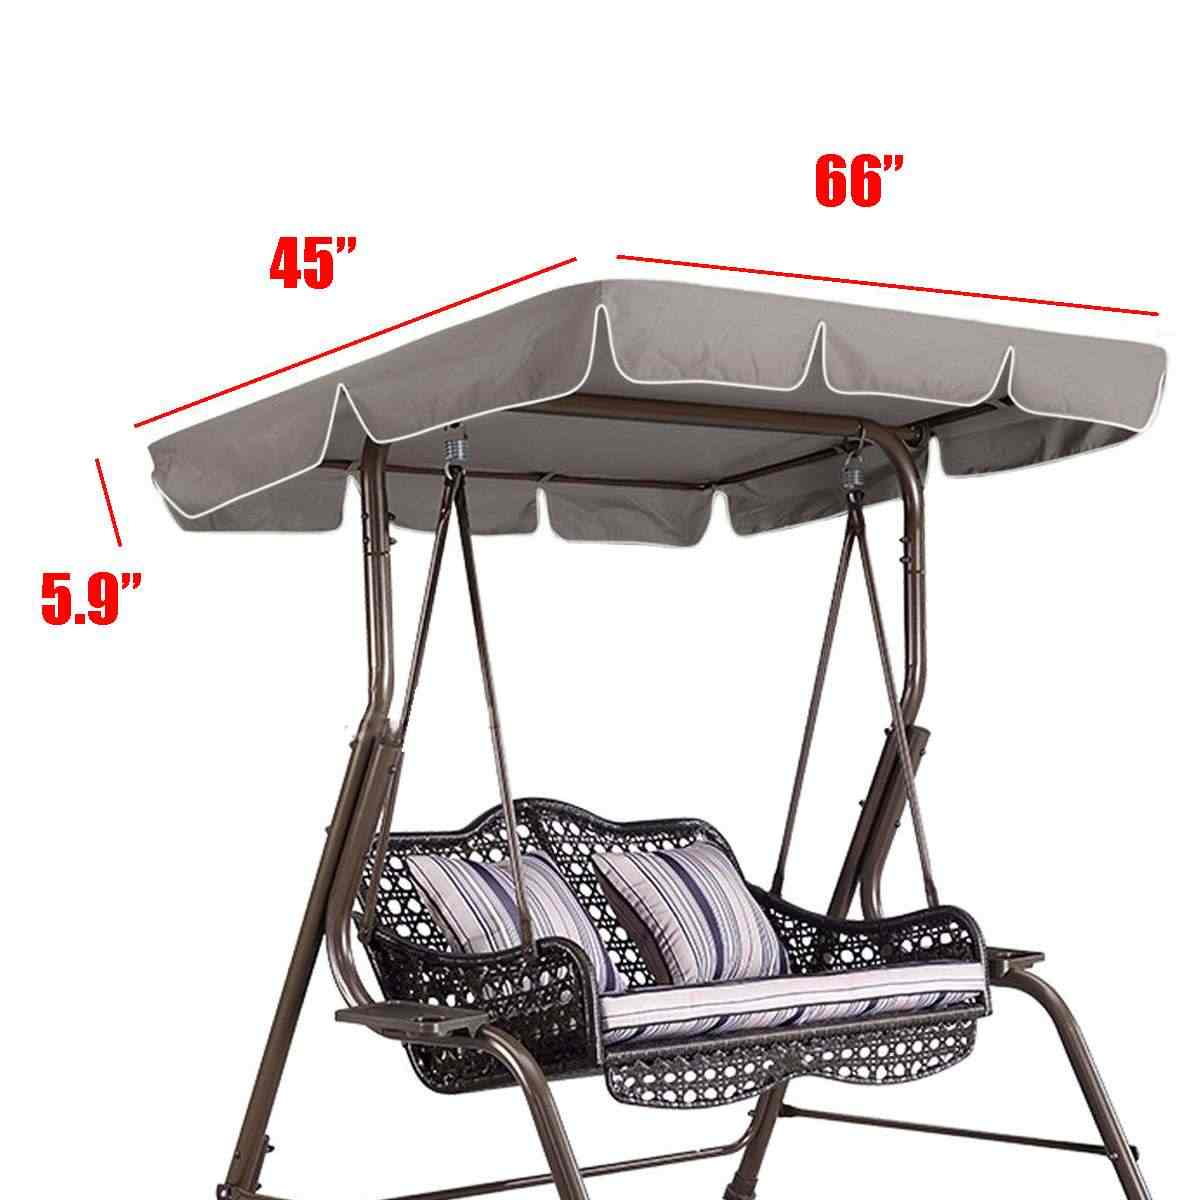 """66 """"X 45"""" X 5,9 """"сад качели тент навес уличный тент шатер двора качели кресло-гамак палатка Водонепроницаемый летний солнцезащитный навес"""